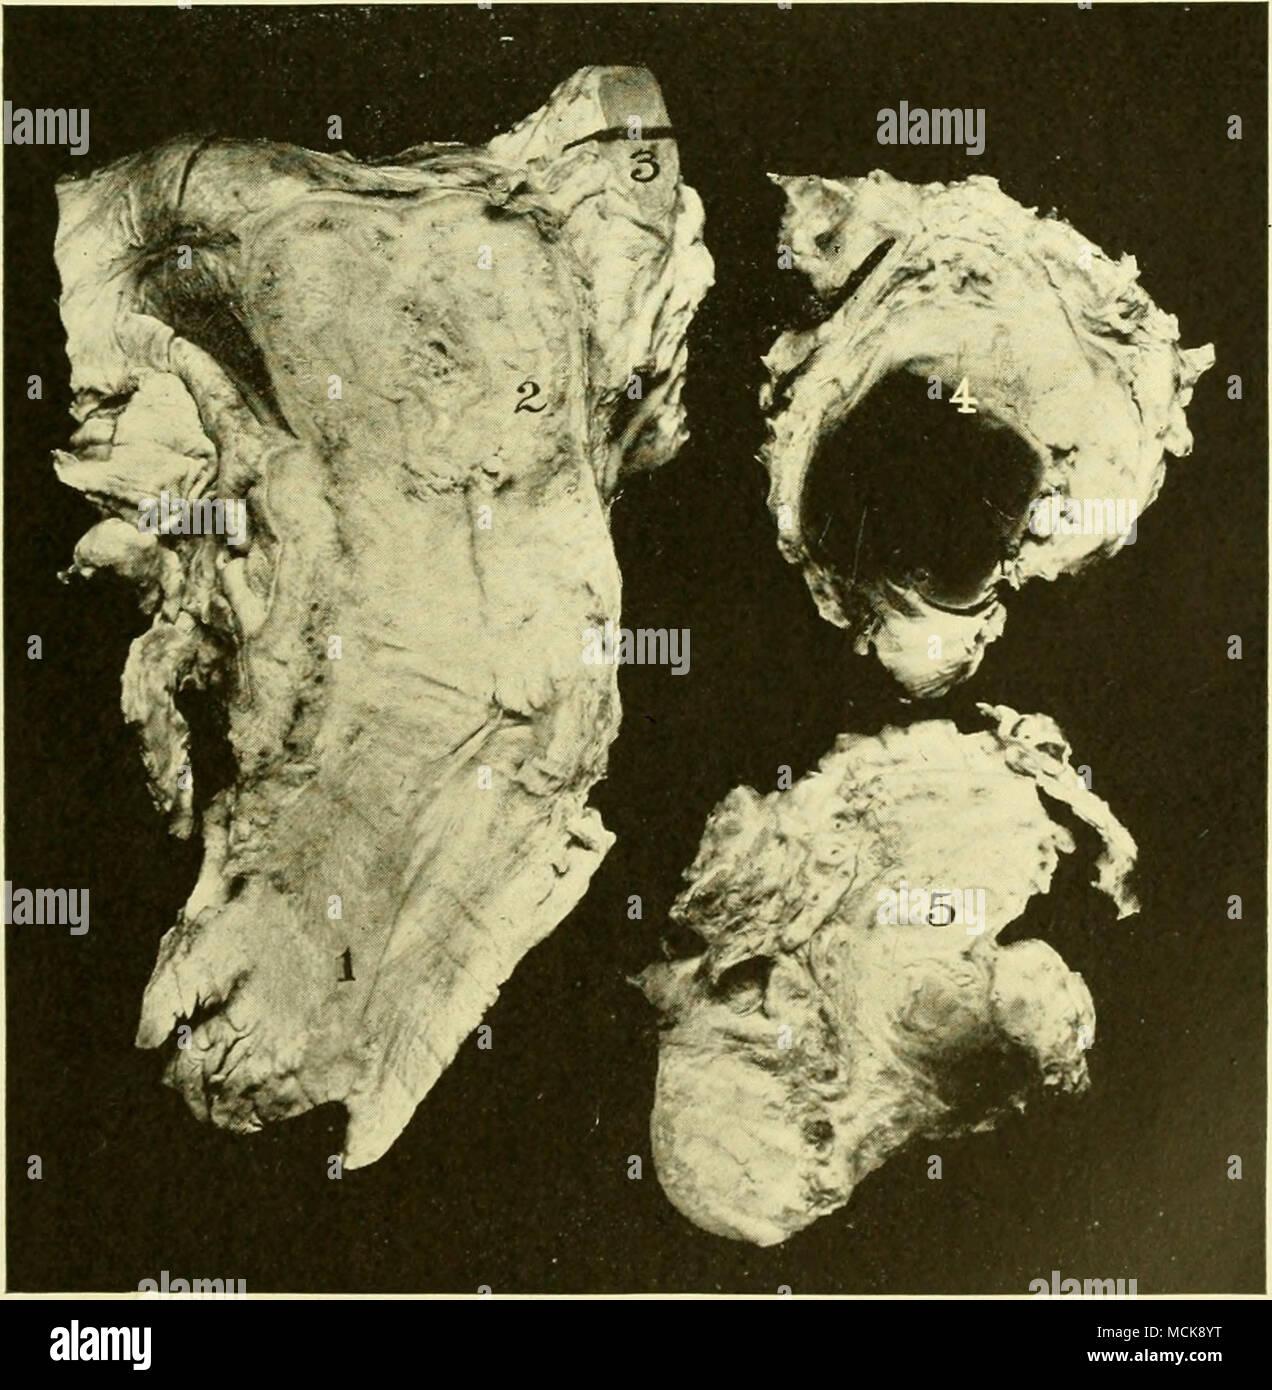 Ovarian abscess 75